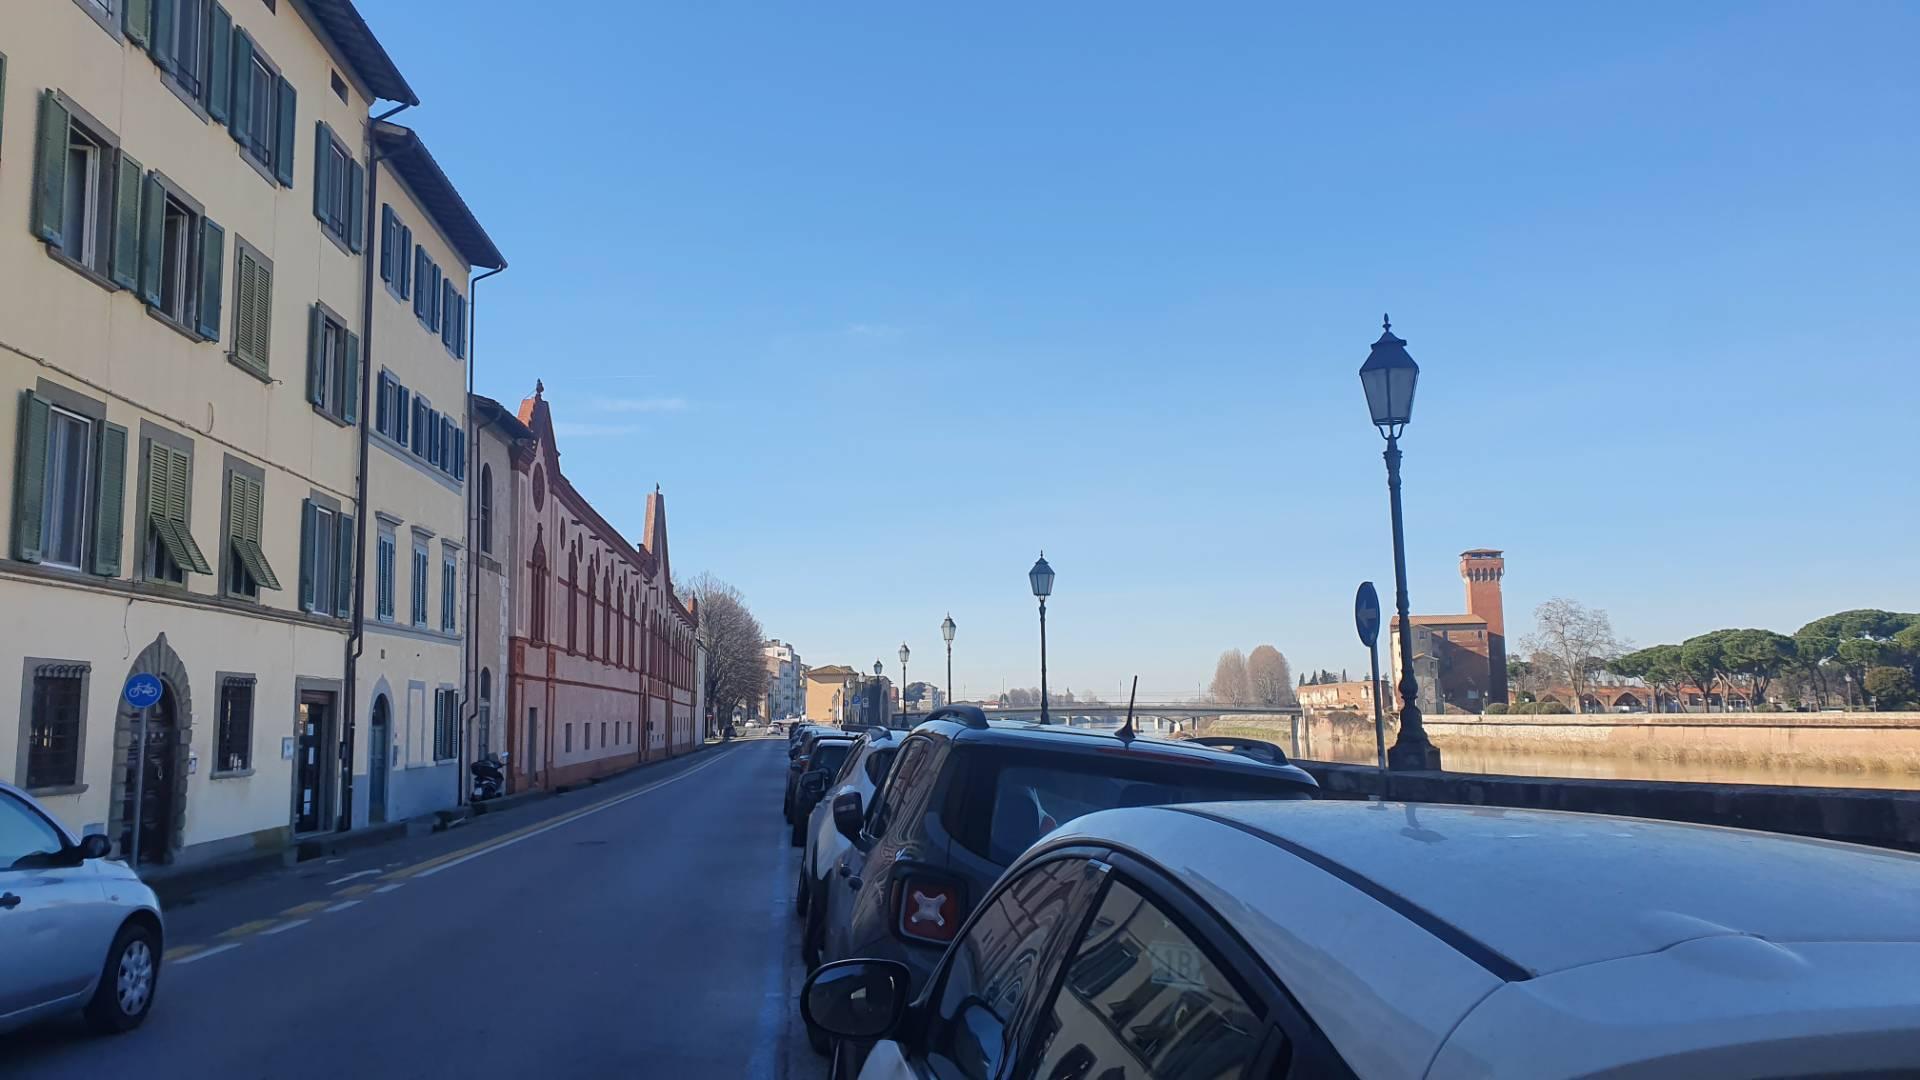 Appartamento in vendita a Pisa, 3 locali, zona Località: Lungarno, prezzo € 239.000 | PortaleAgenzieImmobiliari.it